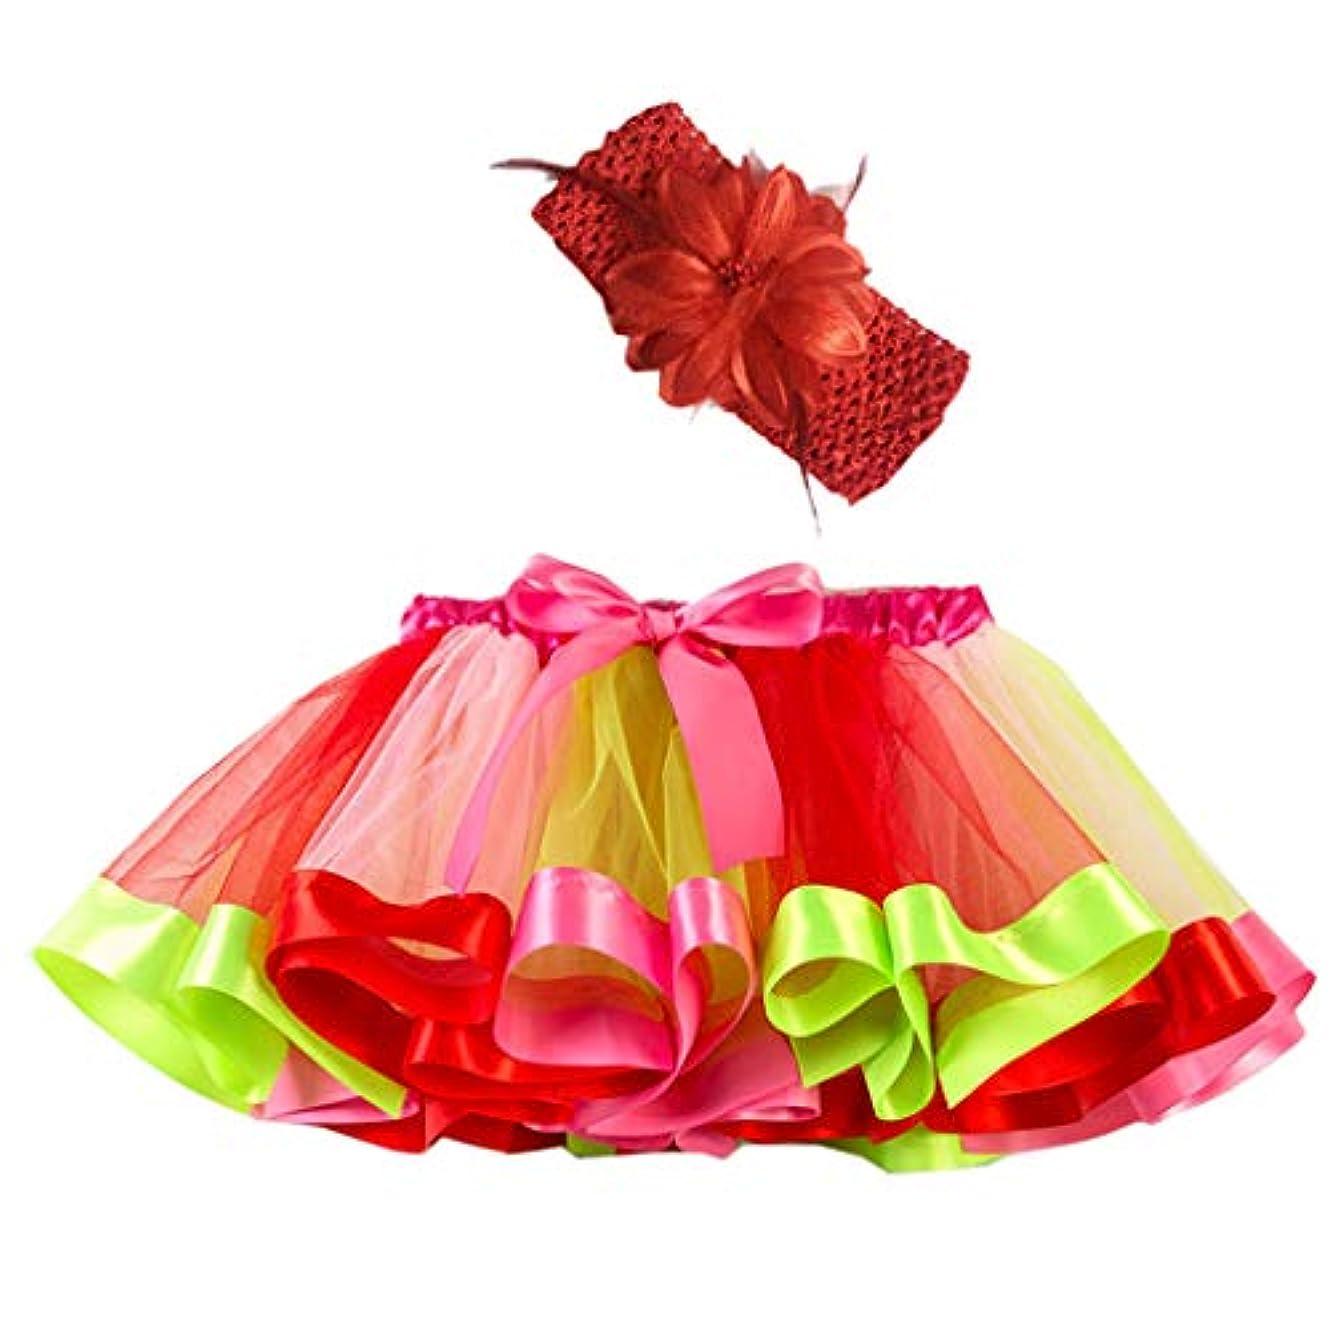 あなたが良くなります教授影響力のあるベビー ガールズ 虹糸 チュチュスカート カラフルパニエ バレエドレス 子供ドレスのアンダースカート チュールスカート ミニキッズ フリフリダンス衣装 結婚式 発表会 舞台 イベント 虹色 ベビーコスチュームスカート 幼児